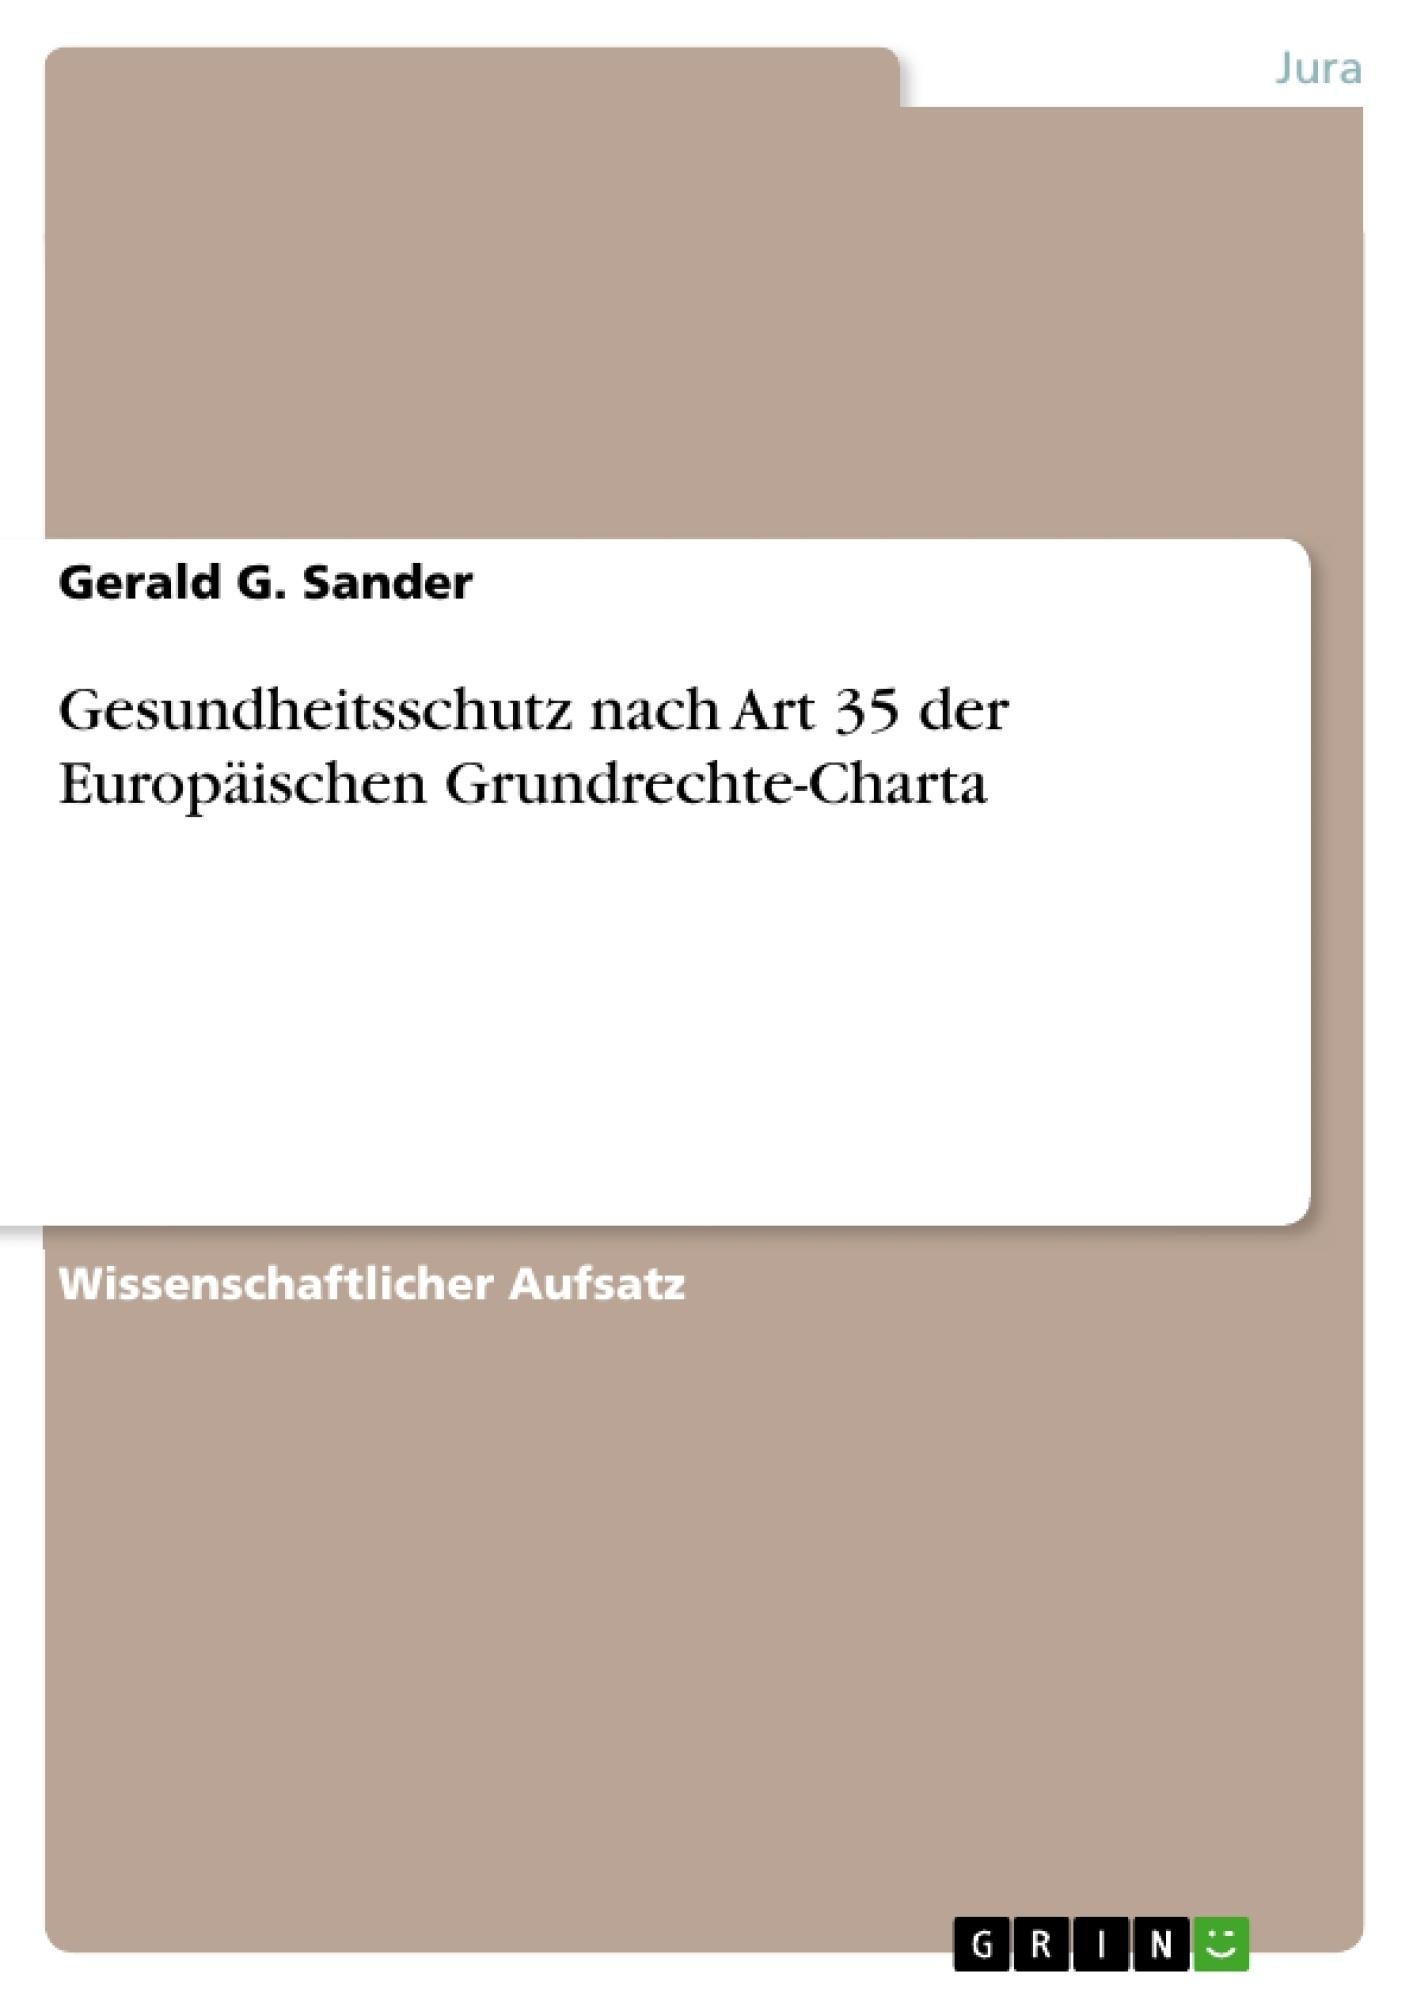 Titel: Gesundheitsschutz nach Art 35 der Europäischen Grundrechte-Charta